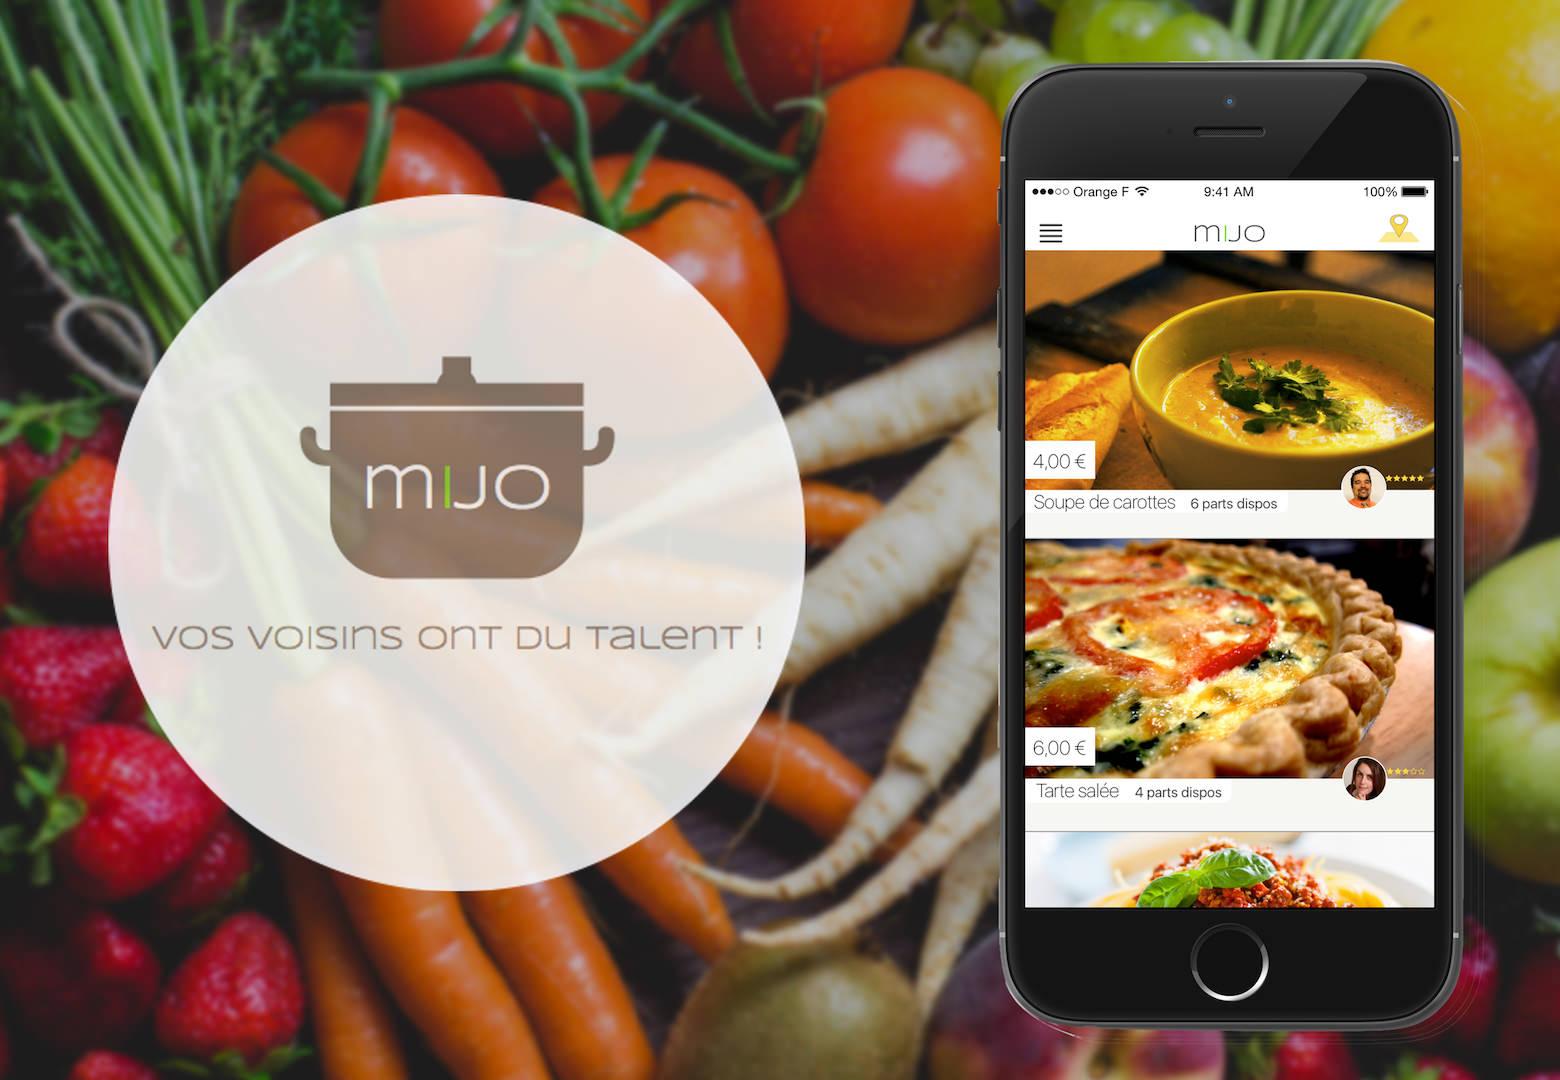 iPhone 6 et logo MIJO sur fond légumes